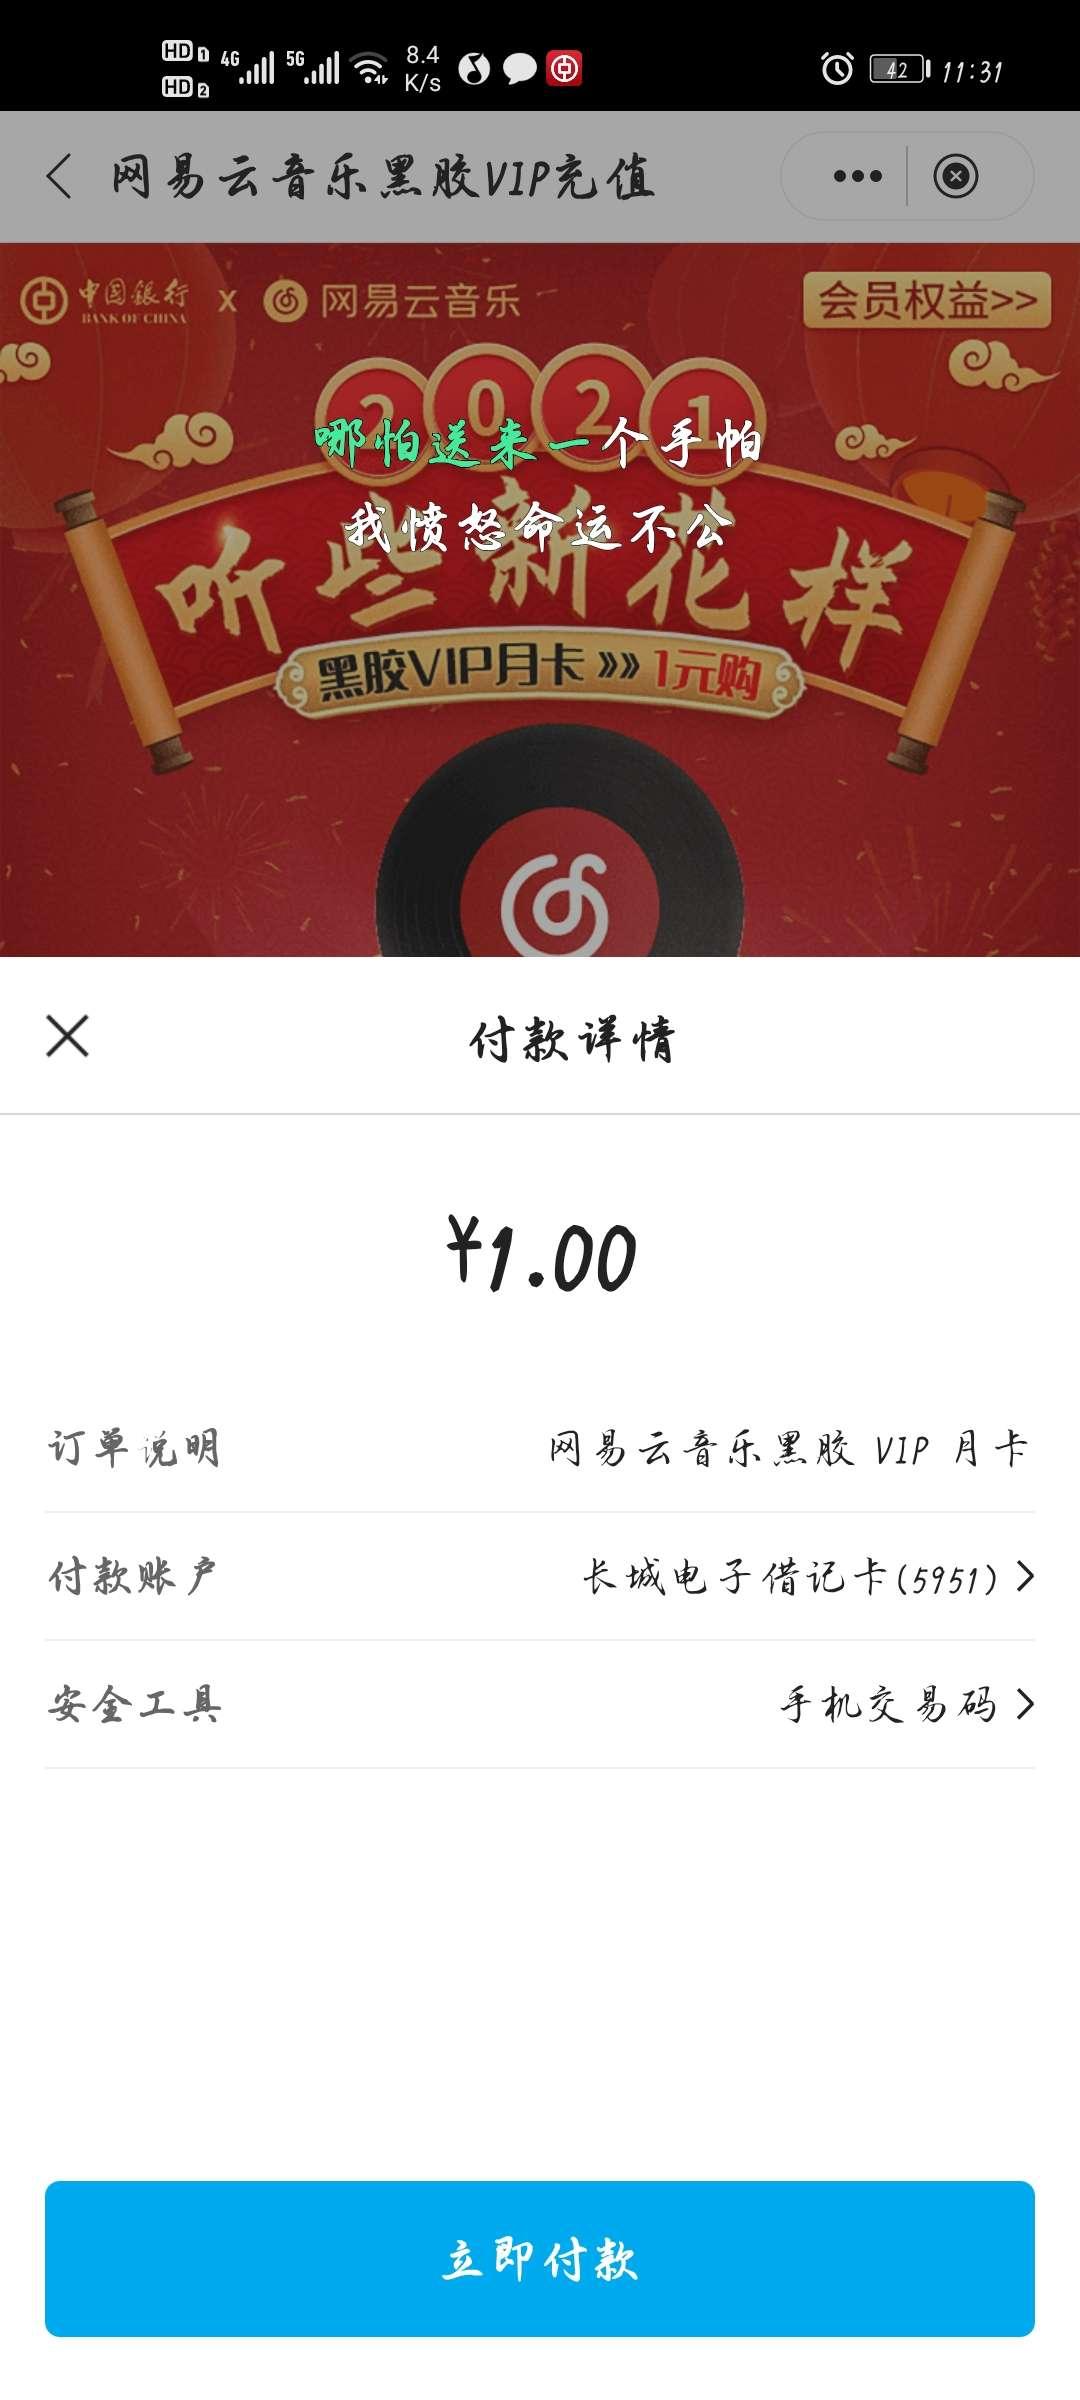 图片[2]-中行用户1元购网抑云黑胶会员月卡-老友薅羊毛活动线报网